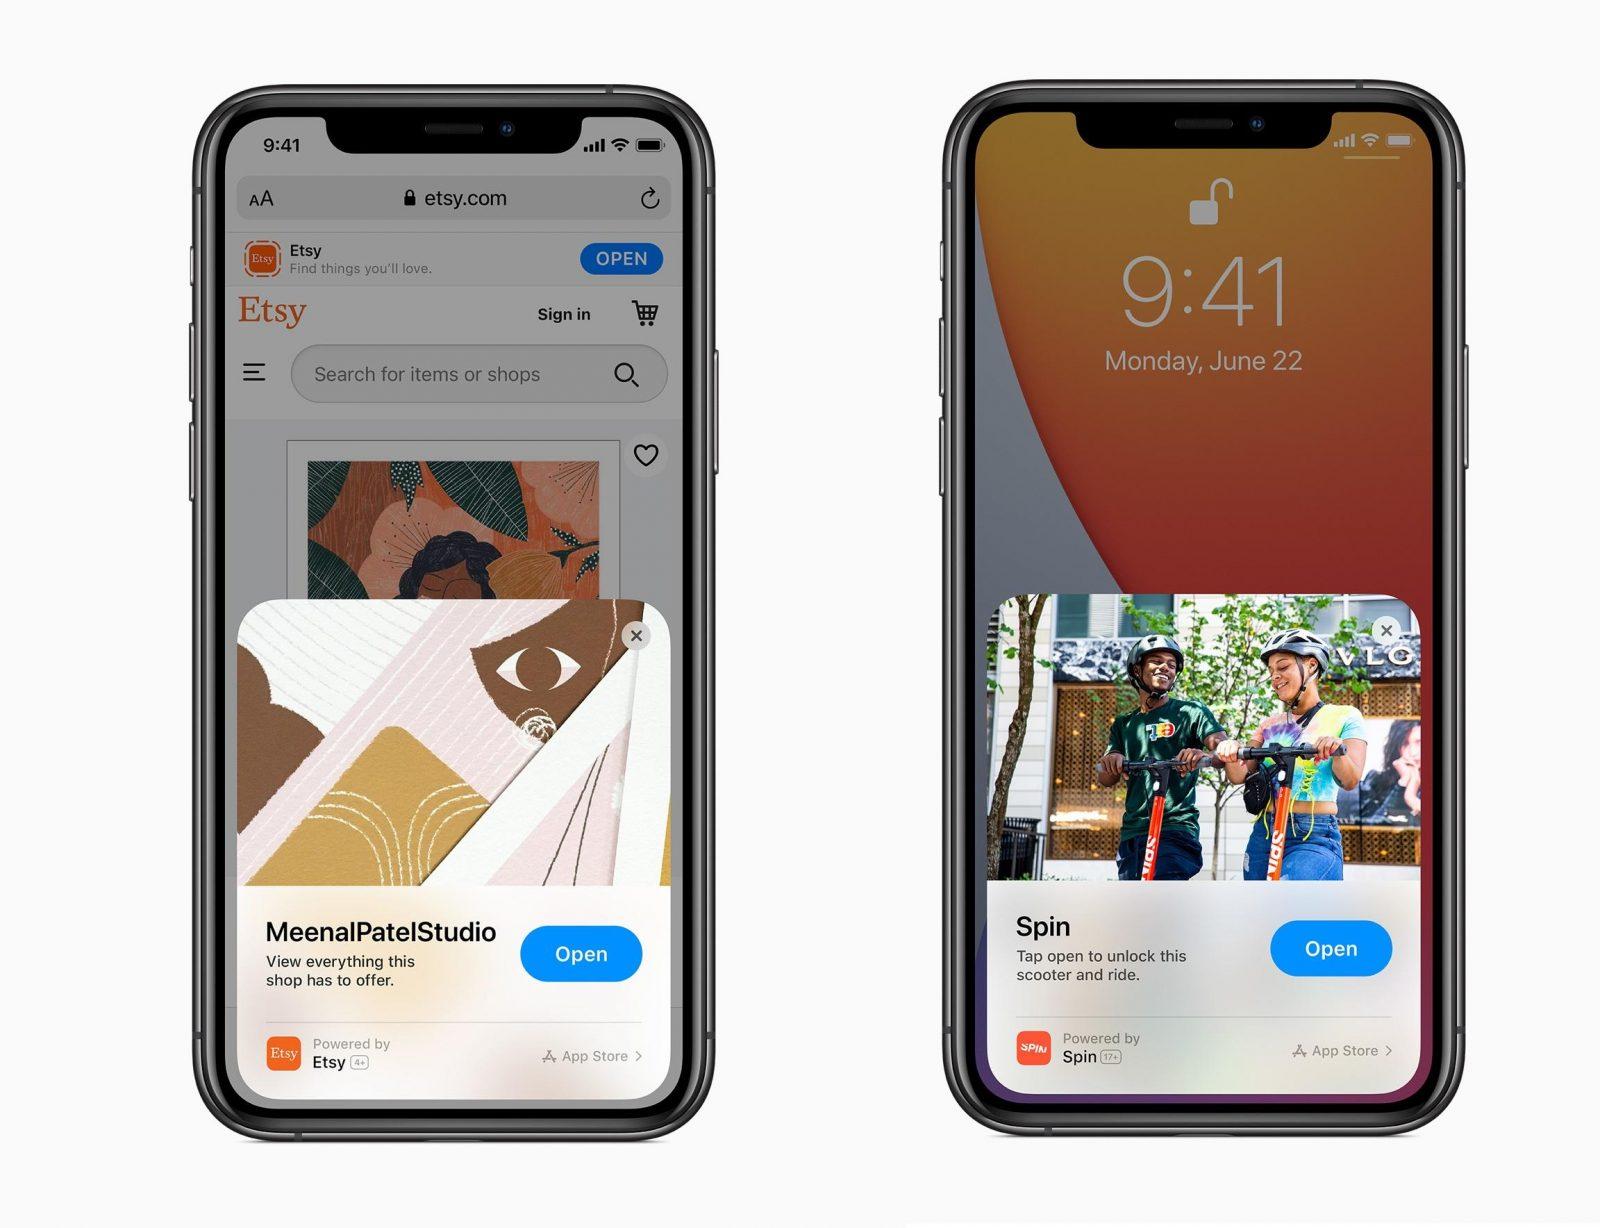 Сообщения Apple в iOS 14 (изображения: Apple)